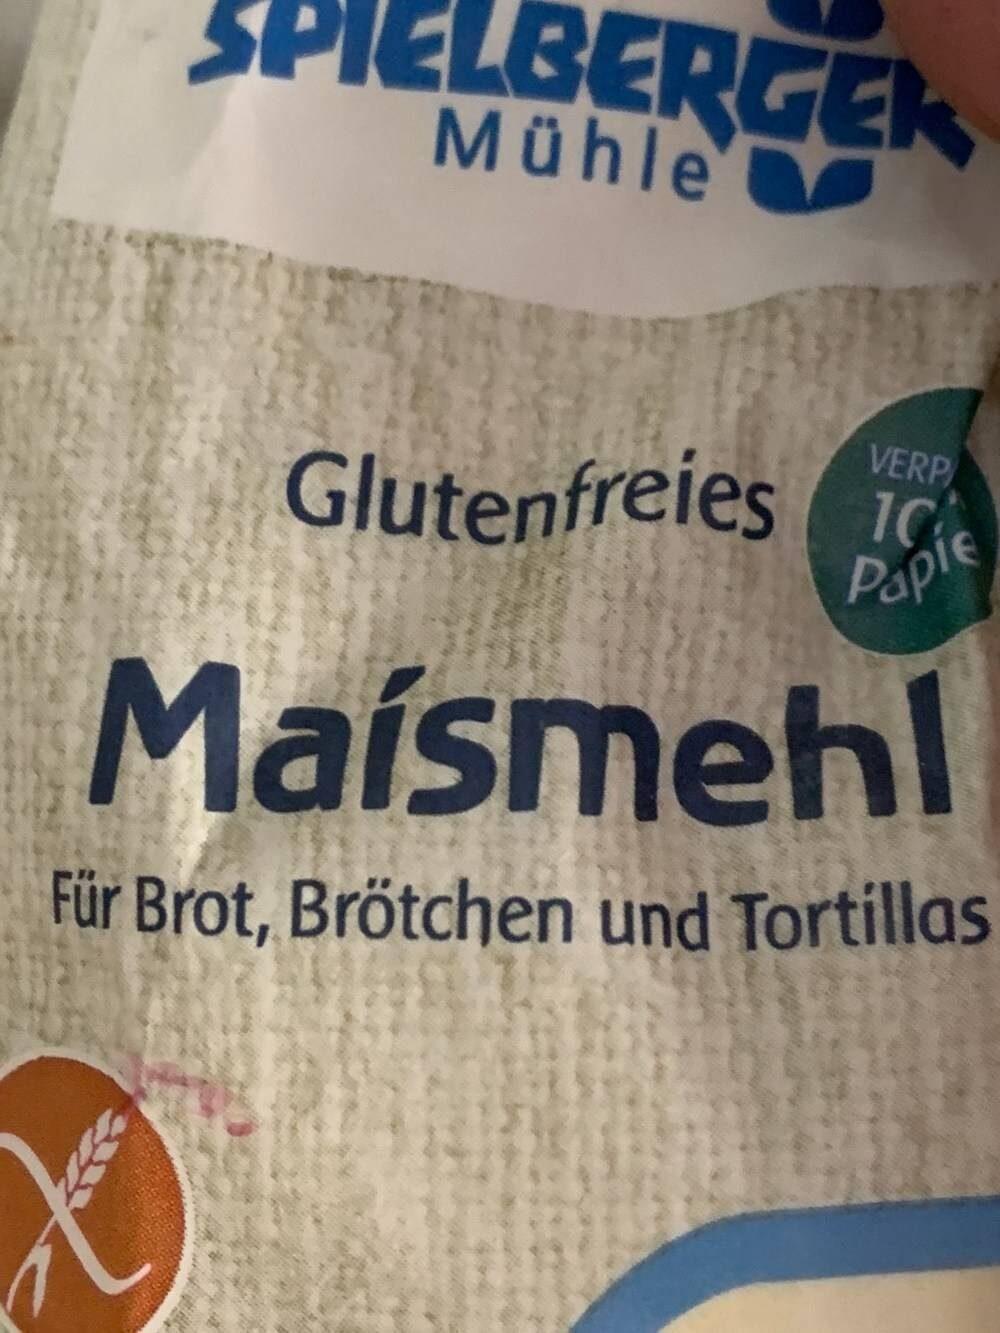 Maismehl - Product - en